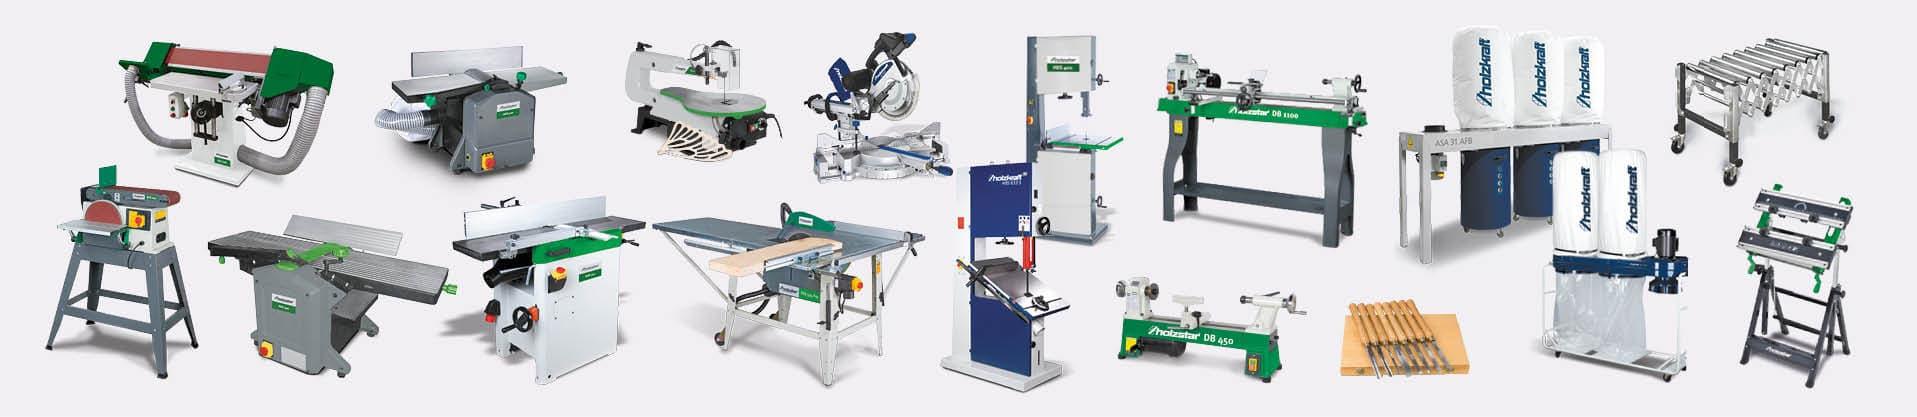 Gamme de machines-outils pour le bois